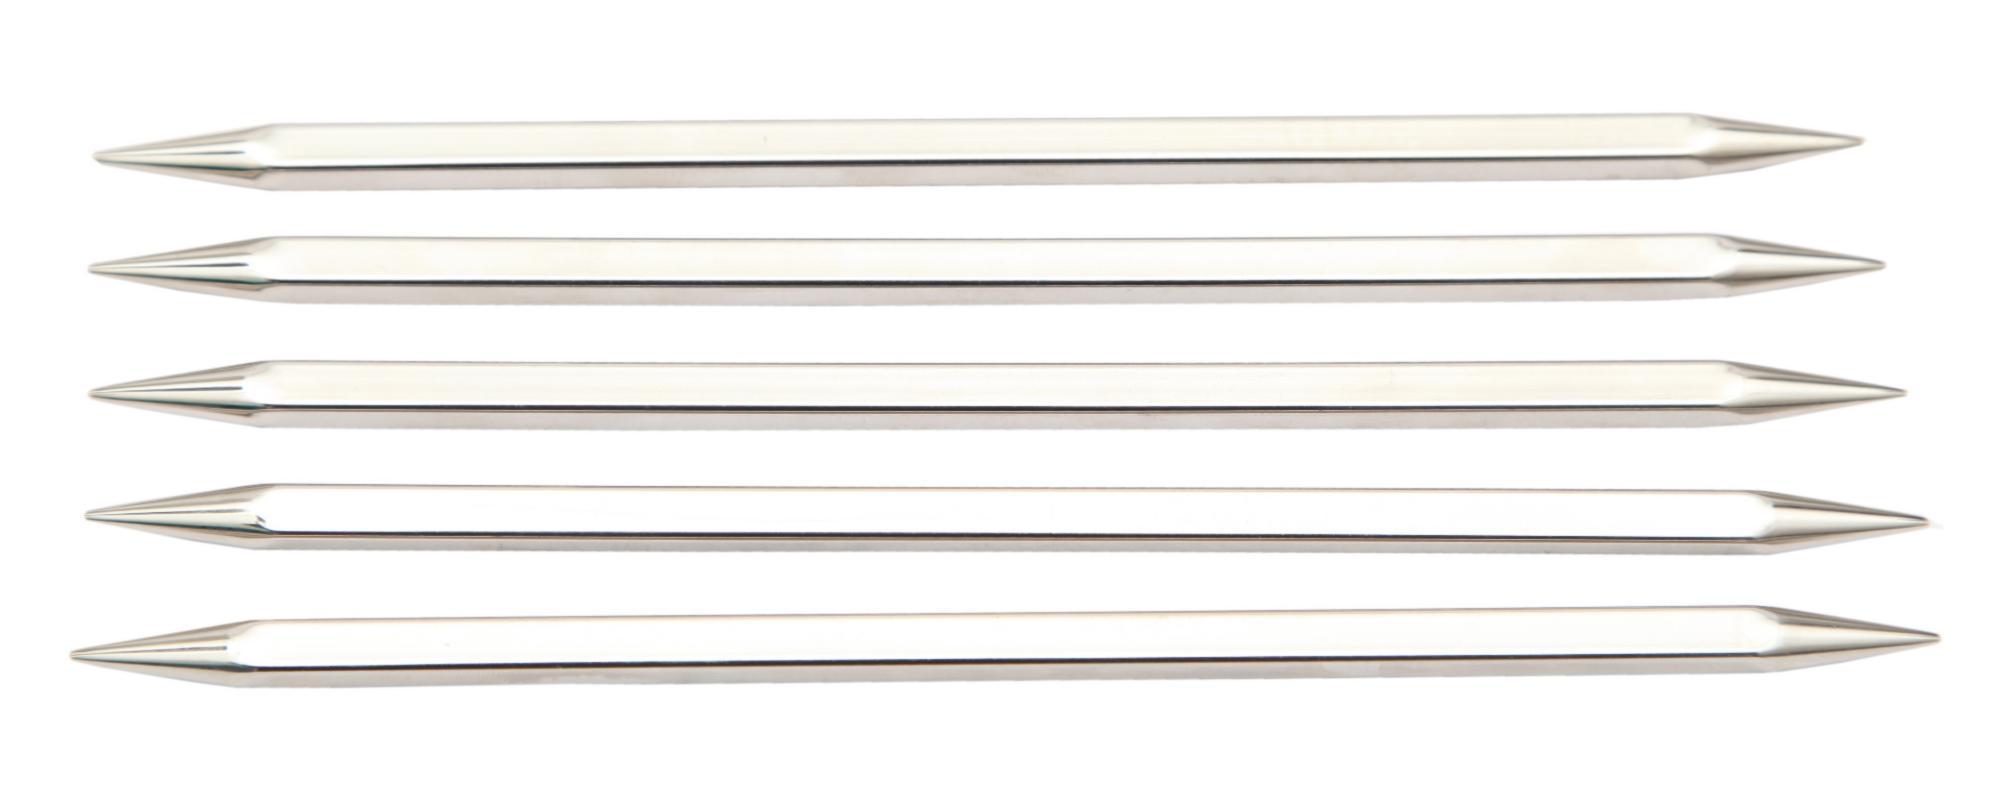 Спицы носочные 20 см Nova Cubics KnitPro, 12128, 3.75 мм